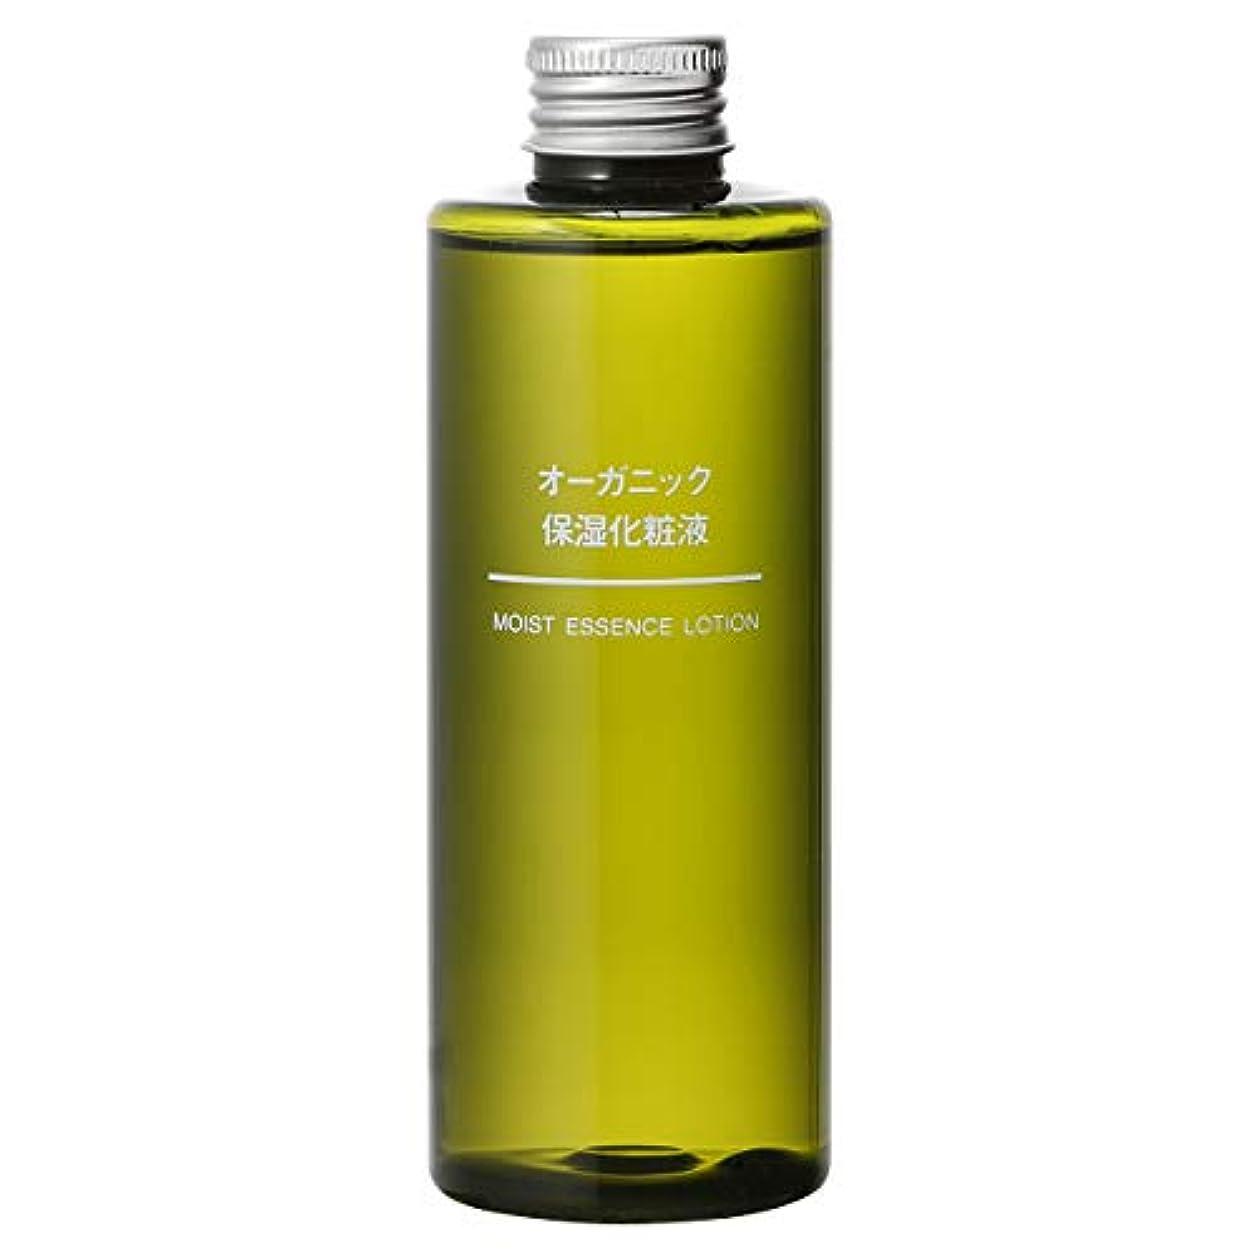 ダイジェストランタン褐色無印良品 オーガニック保湿化粧液 200ml